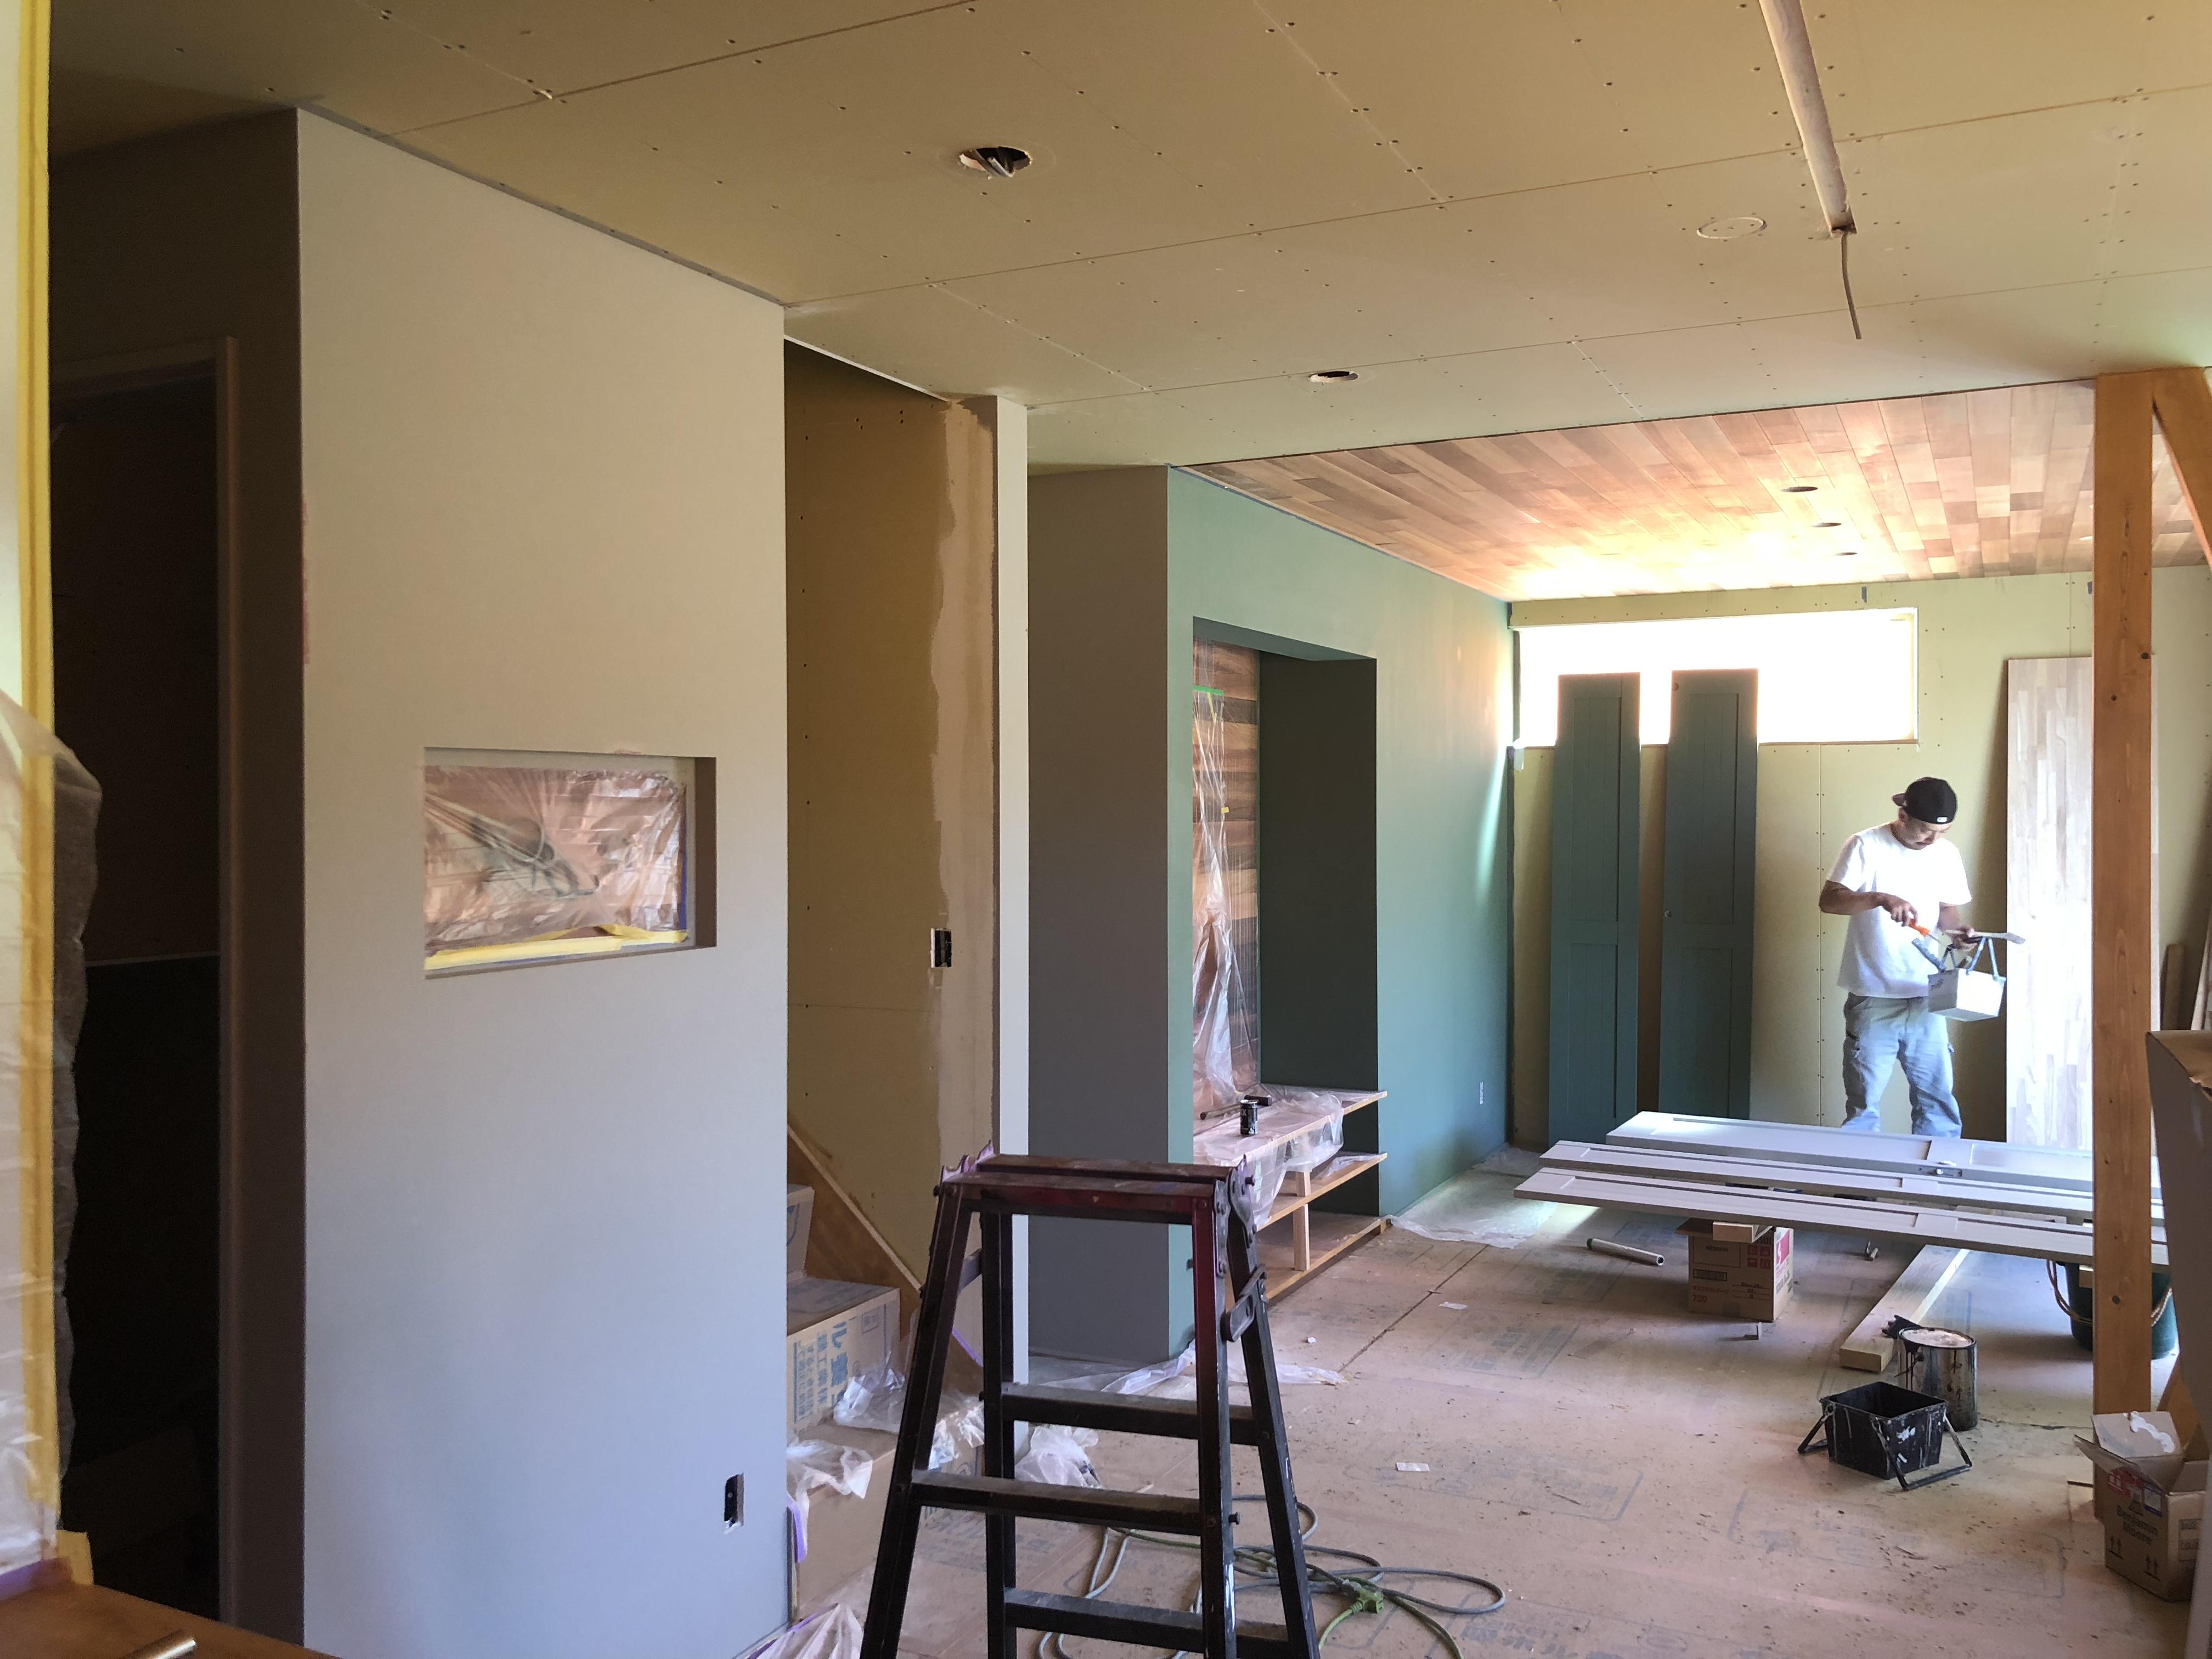 山梨県の注文住宅、未来建築工房の新築。富士河口湖町にて着工中のお家。塗装工事中です。